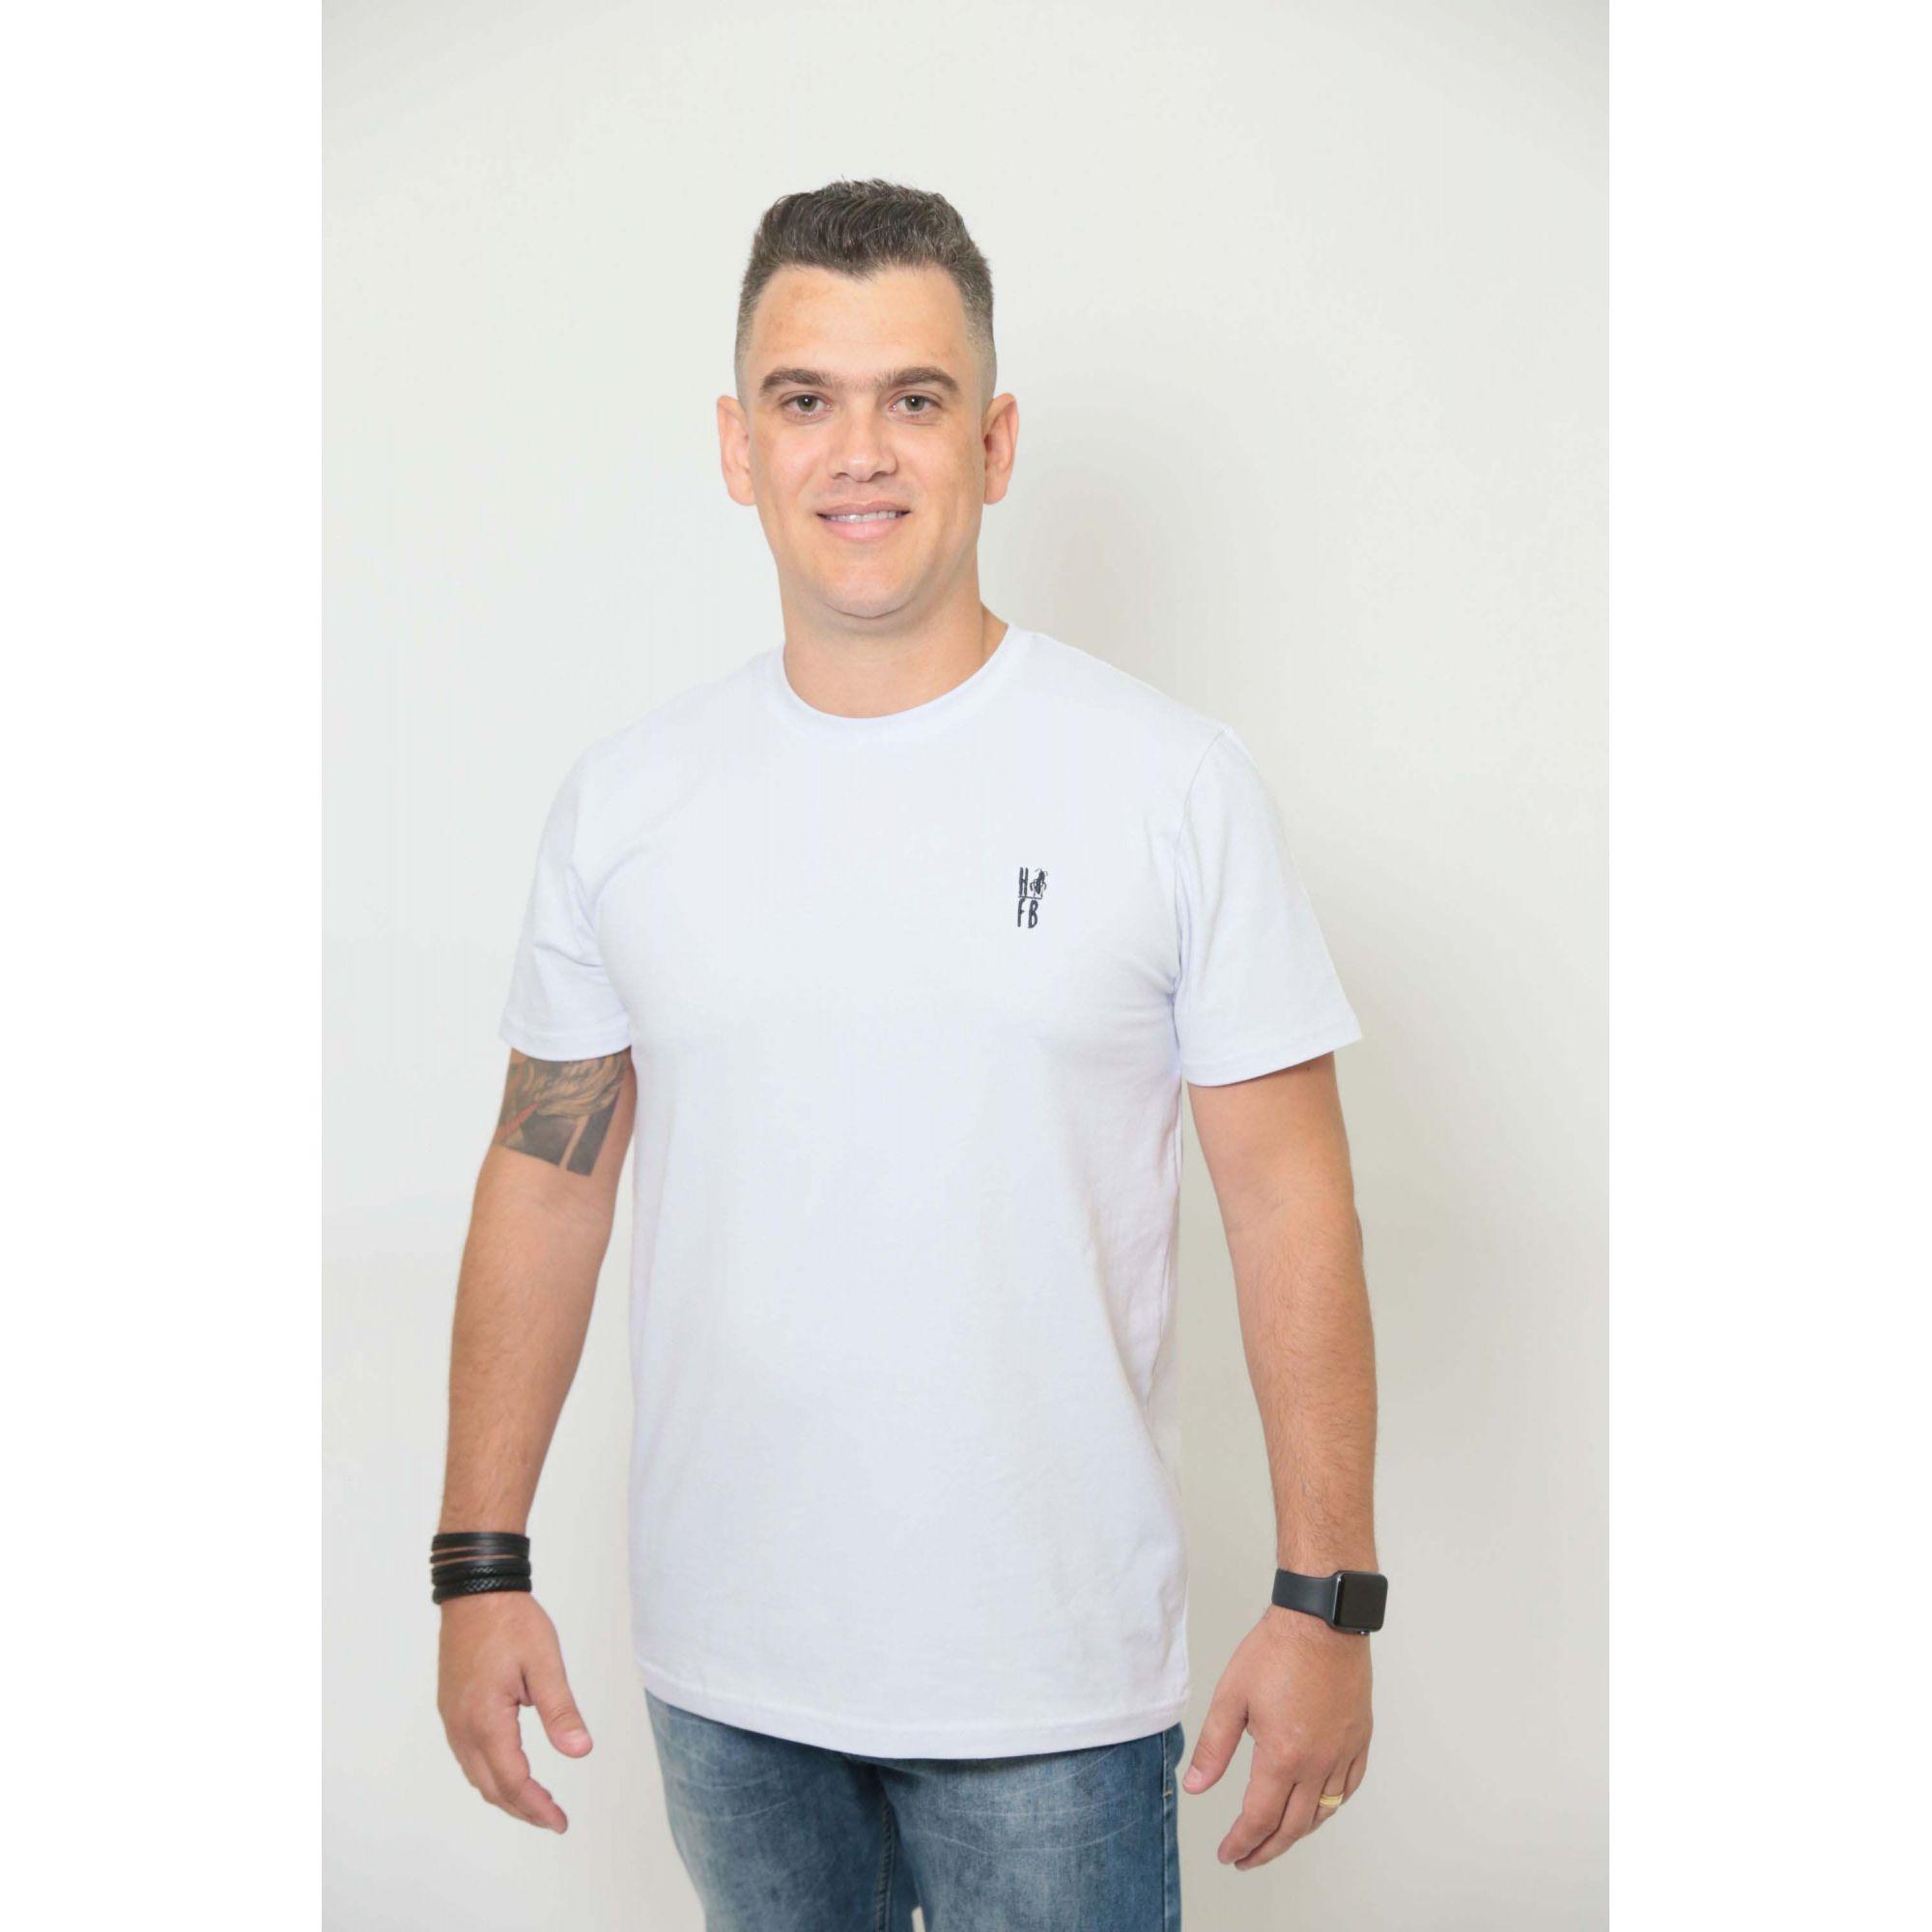 NAMORADOS > Kit 02 Peças T-Shirts Unissex Branca [Coleção Namorados]  - Heitor Fashion Brazil